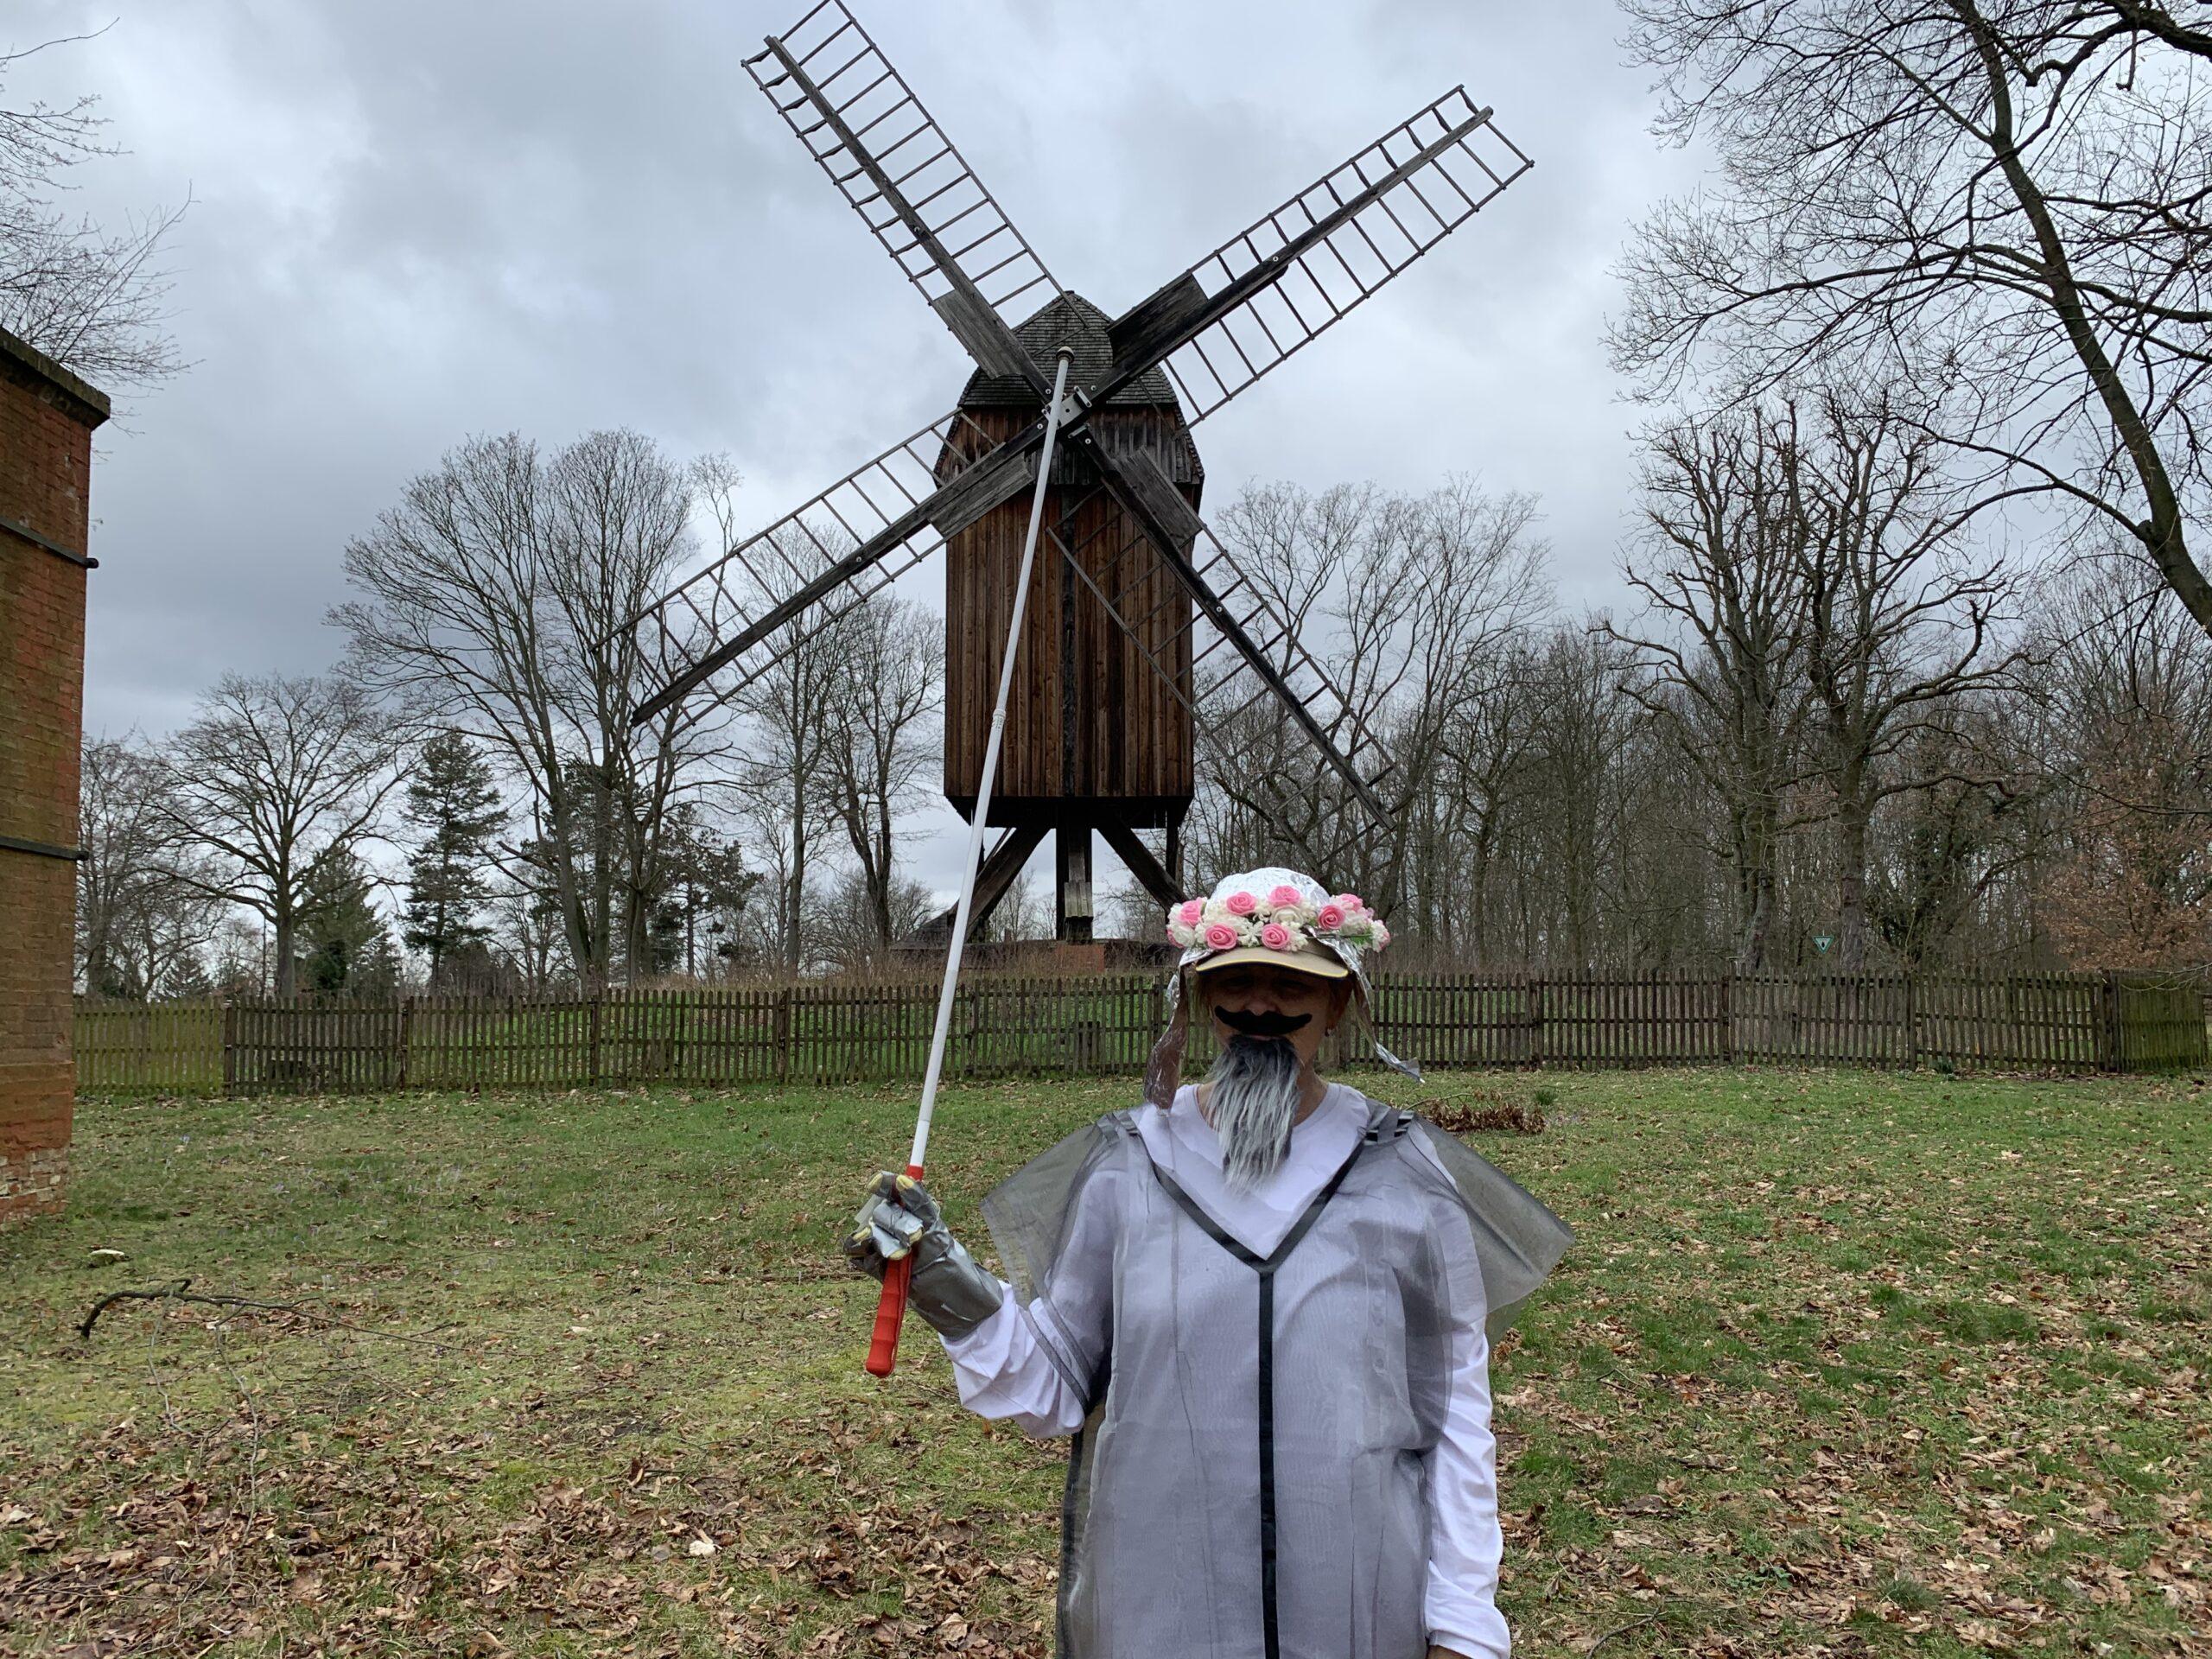 Don Quijote vor einer Windmühle. Eine Person in einem grau-durchsichtigen Regencape auf weißem Hemd mit grauem Bart und einer weißen, blumenumkränzten Mütze hält einen Stab in einem Metallhandschuh senkrecht nach oben, sodass dieser optisch die Mitte der vier Windräder von der Windmühle hinter ihr trifft.